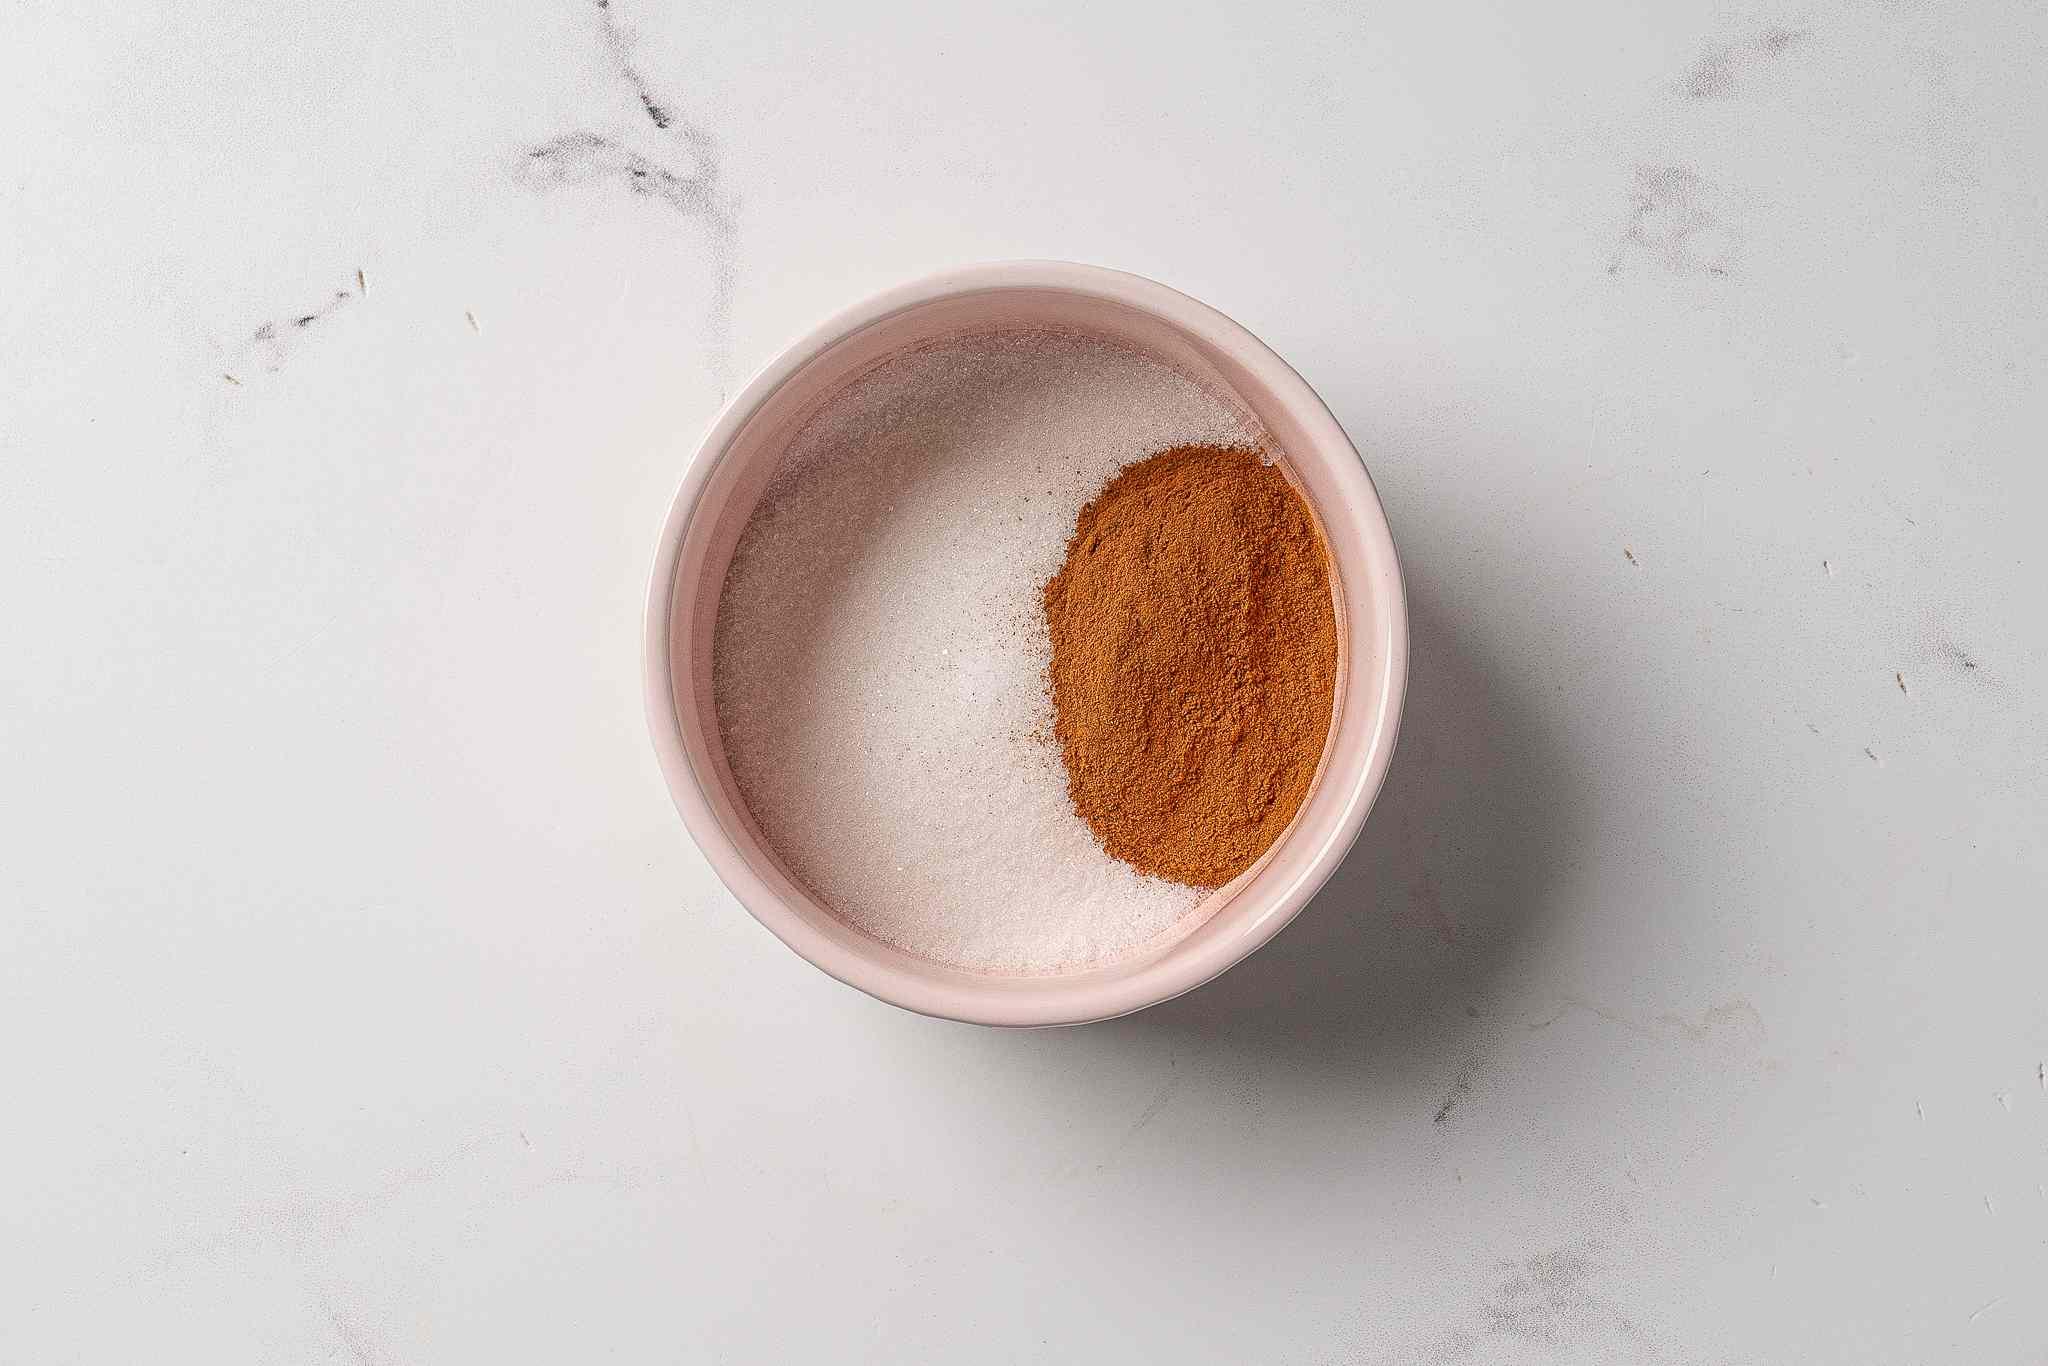 Sugar and cinnamon in a small bowl